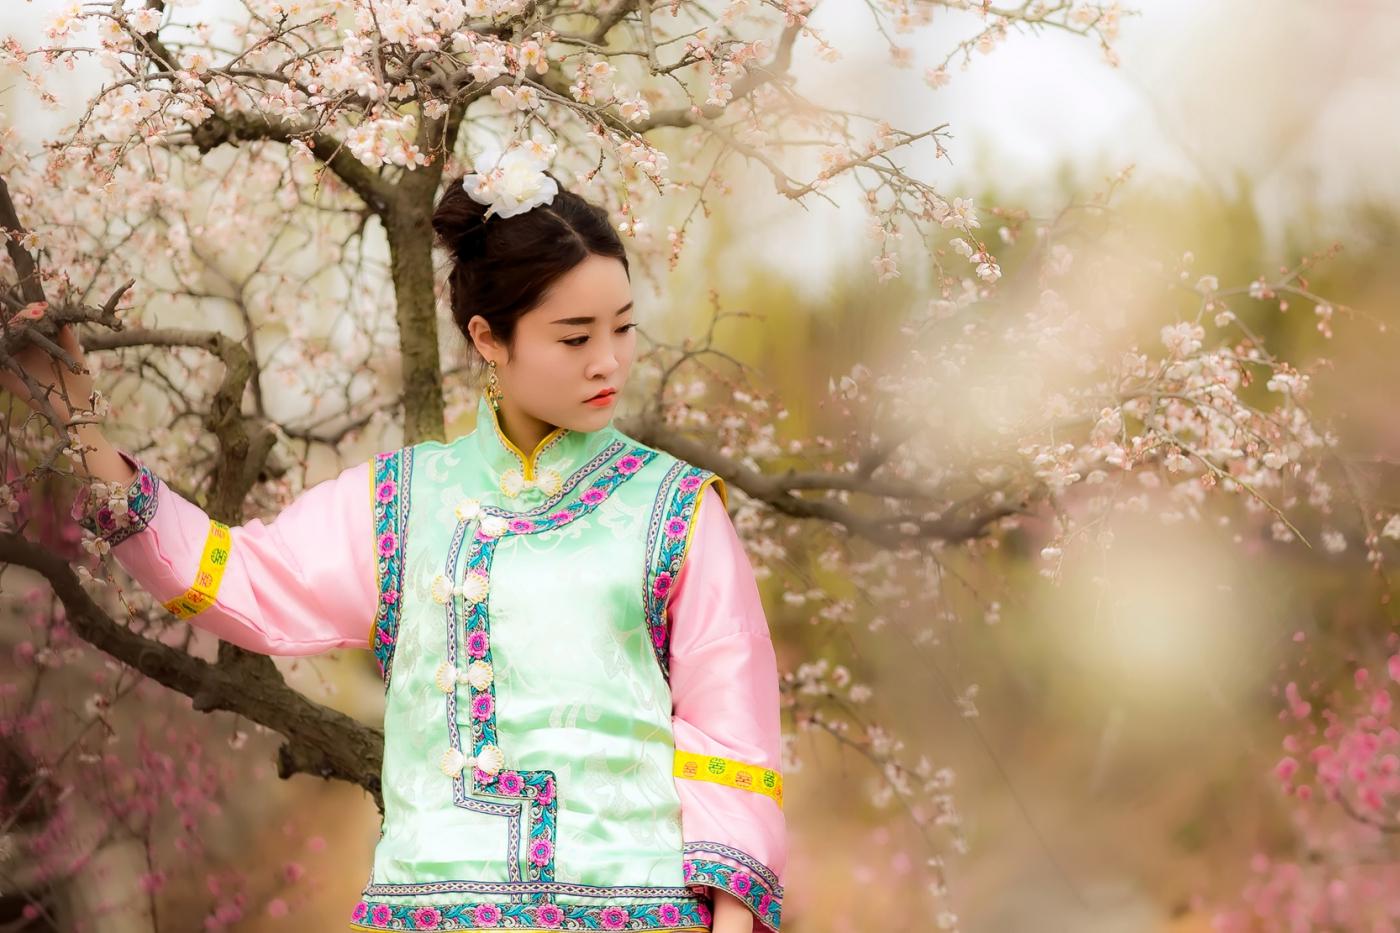 沂水雪山梅园走来一群赏梅踏春的沂蒙女孩 摄影人和女孩们成为梅园一道亮丽的风景线 ..._图1-4